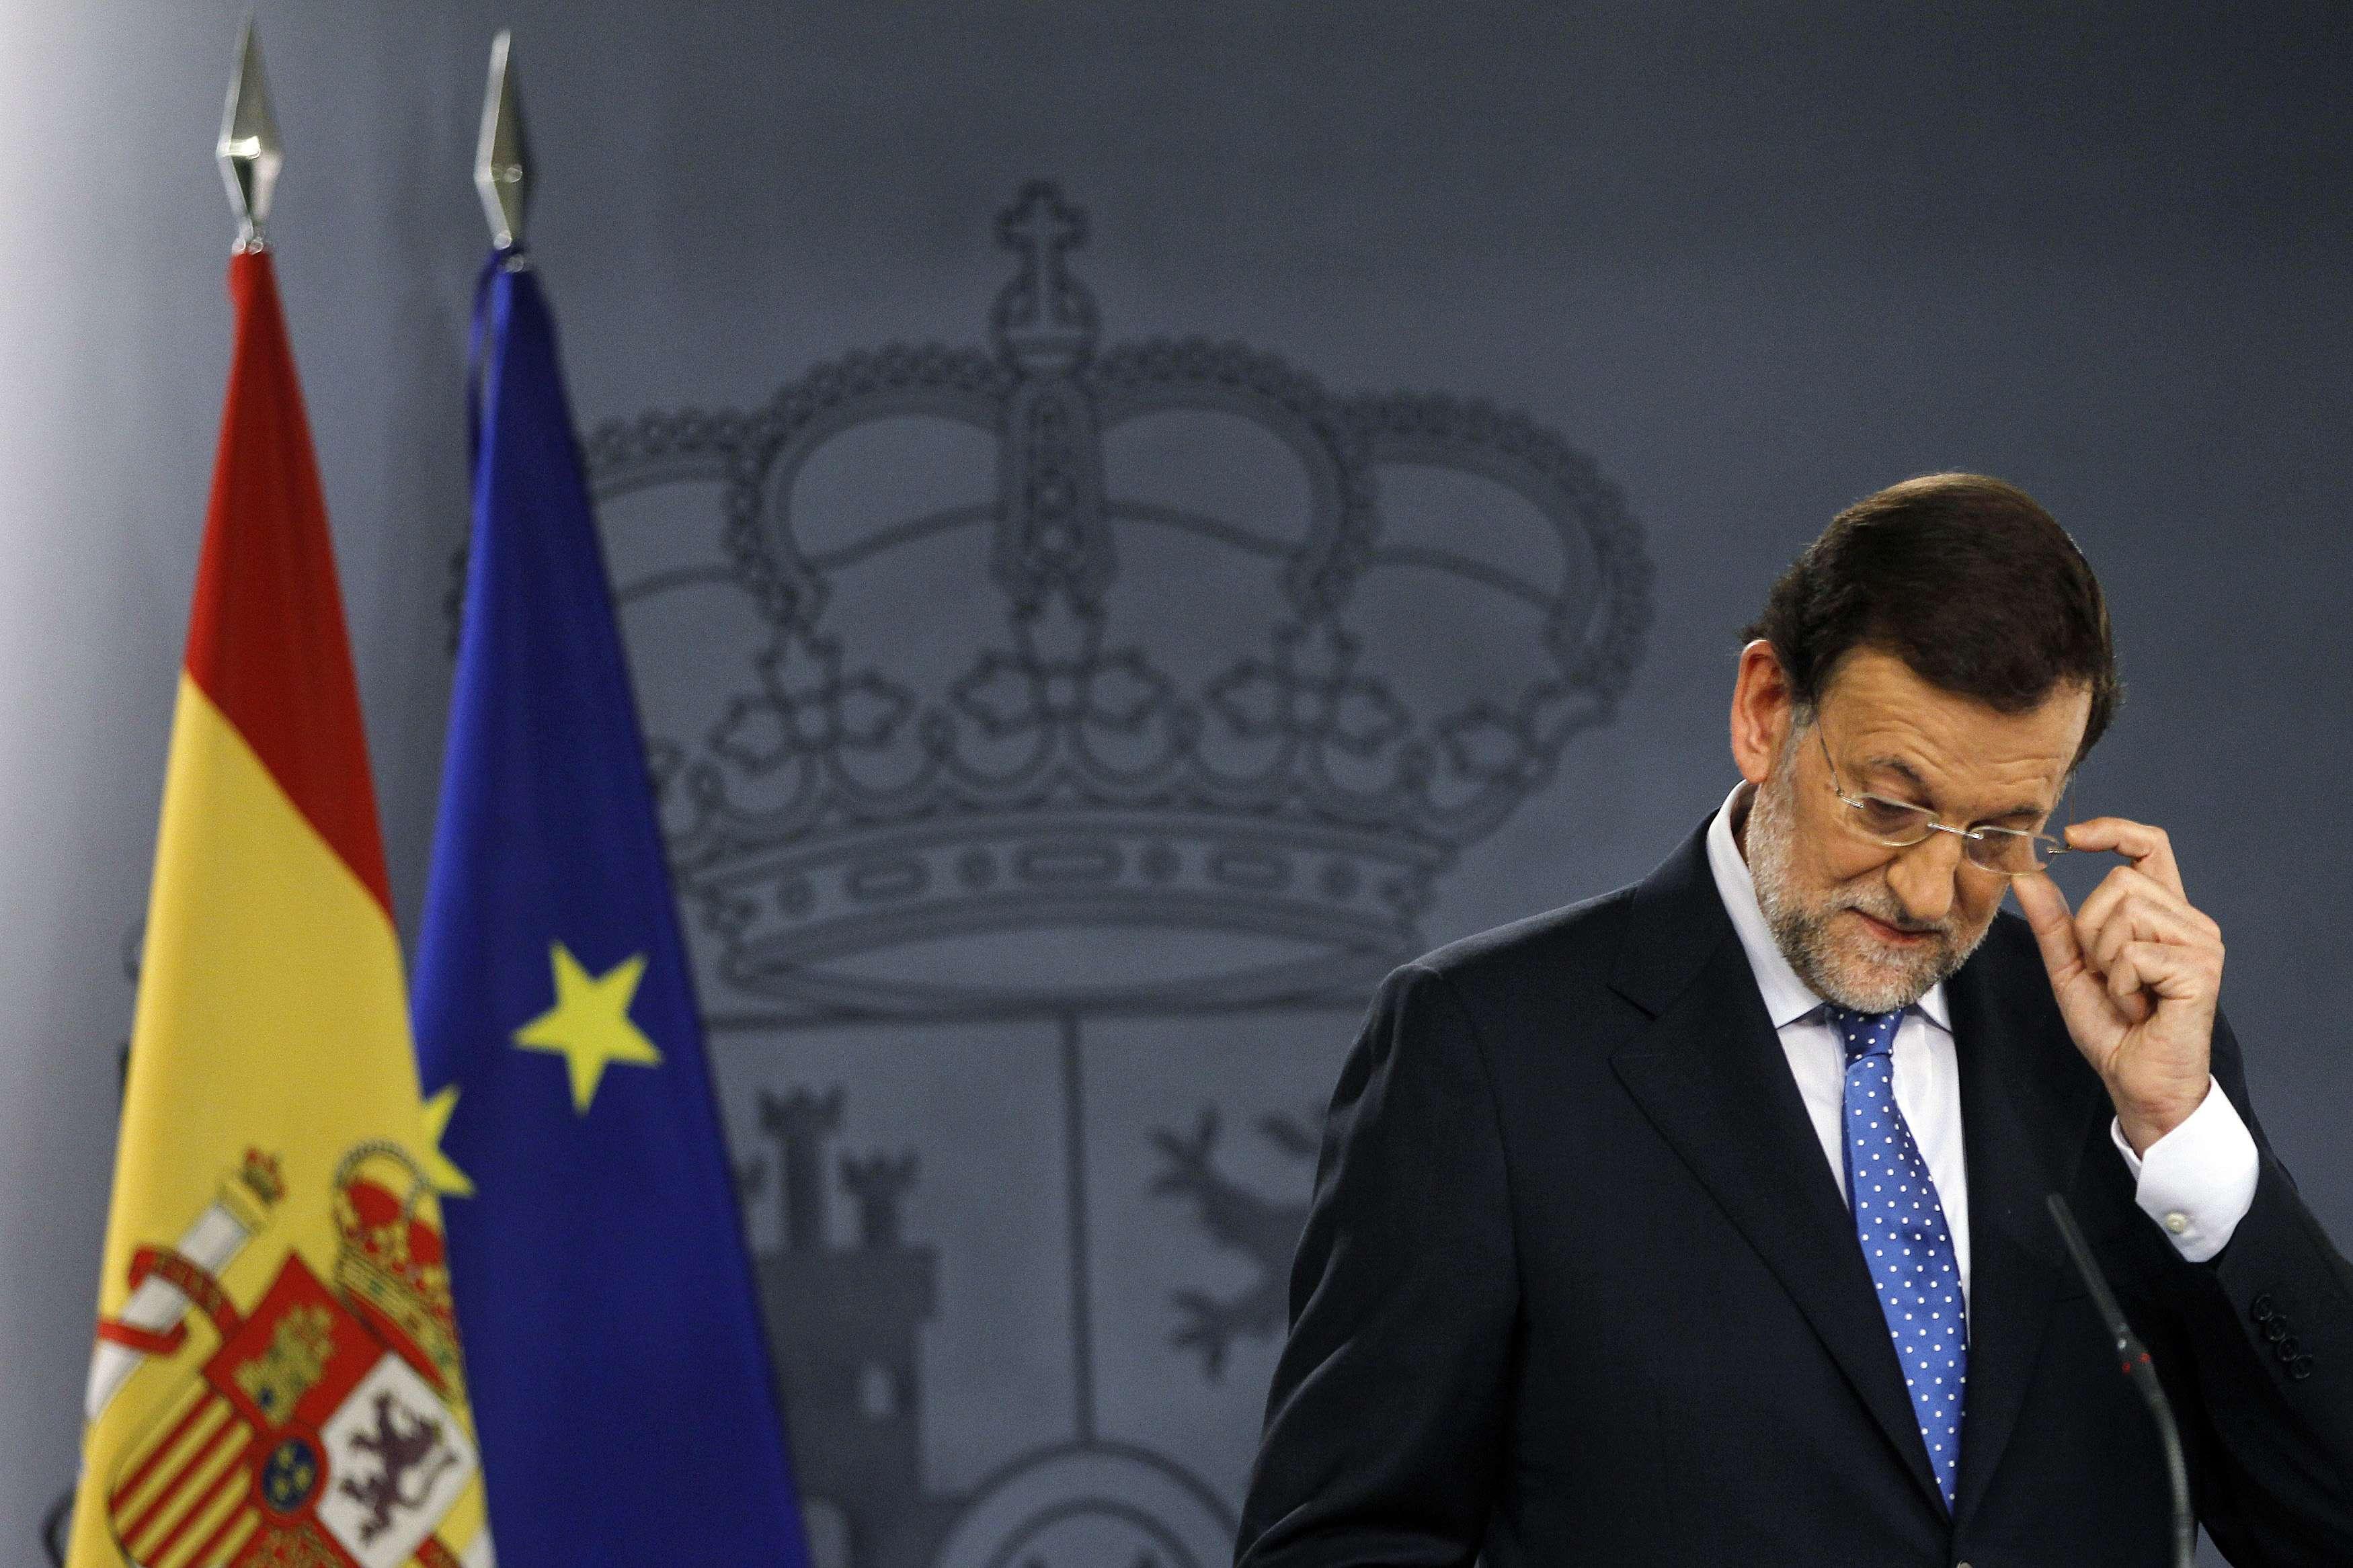 Οι πρωθυπουργοί Ισπανίας και Πορτογαλίας διαμαρτύρονται για τις δηλώσεις Τσίπρα